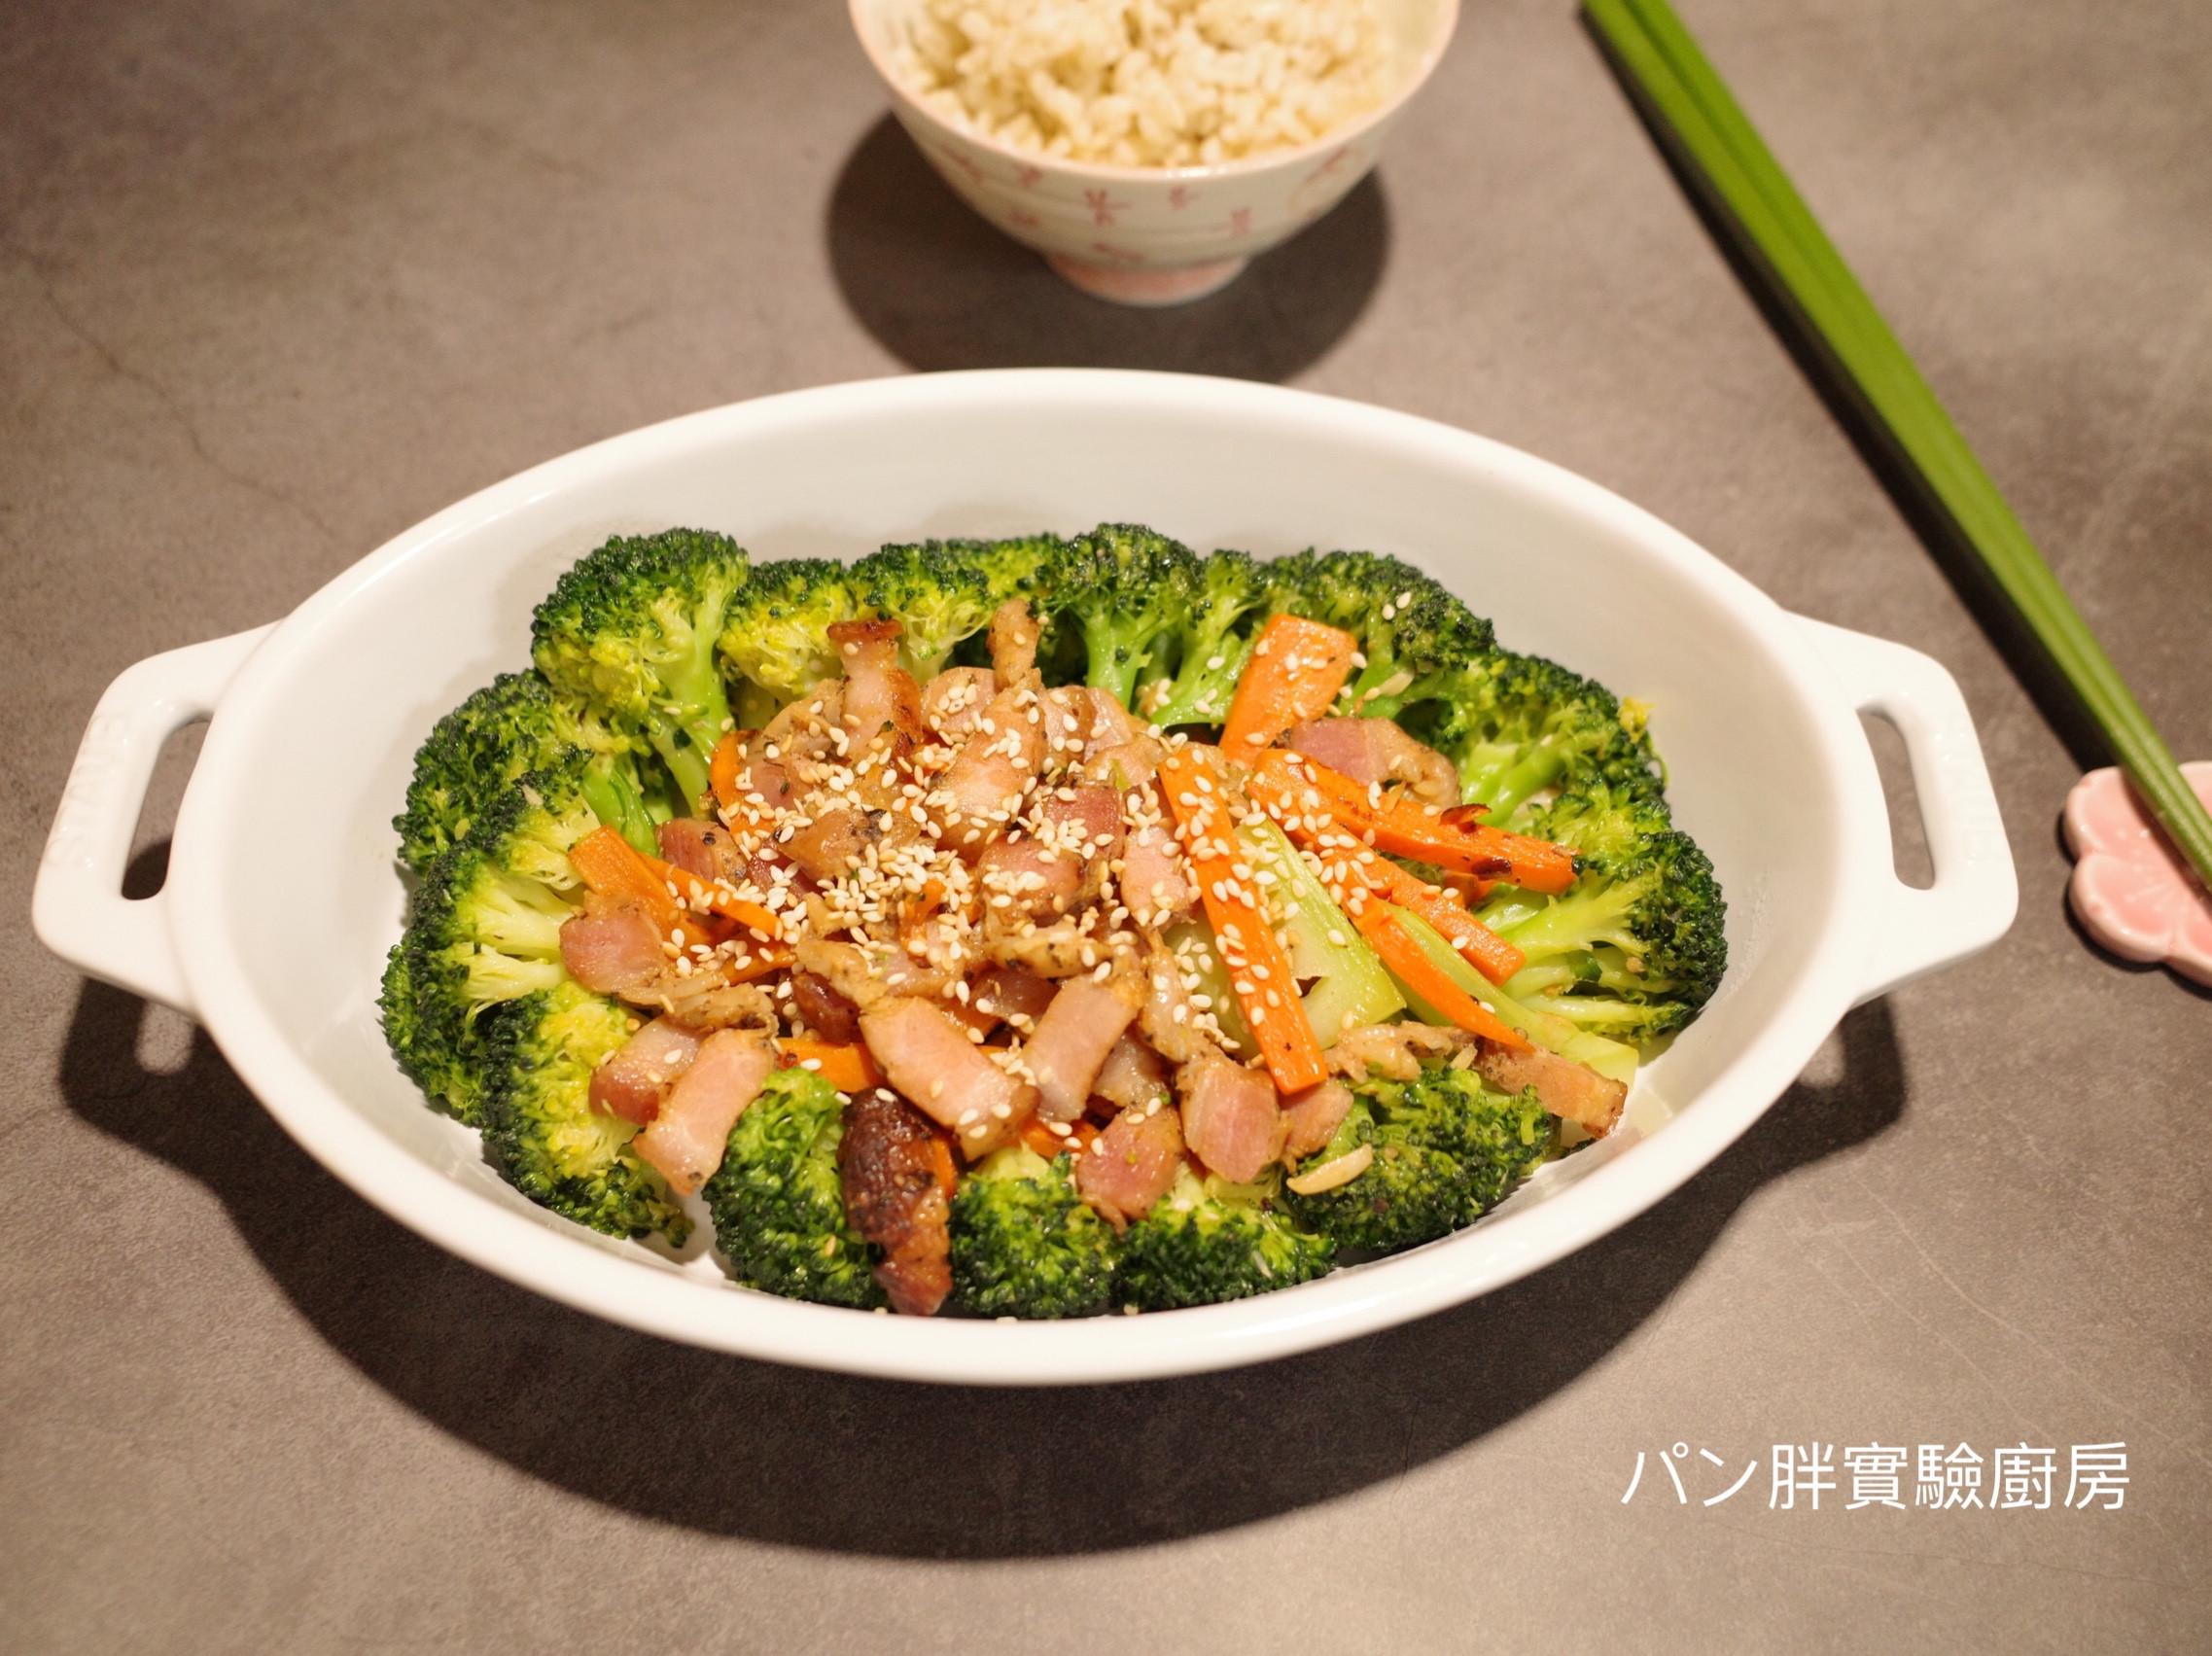 綠花椰炒鹹豬肉